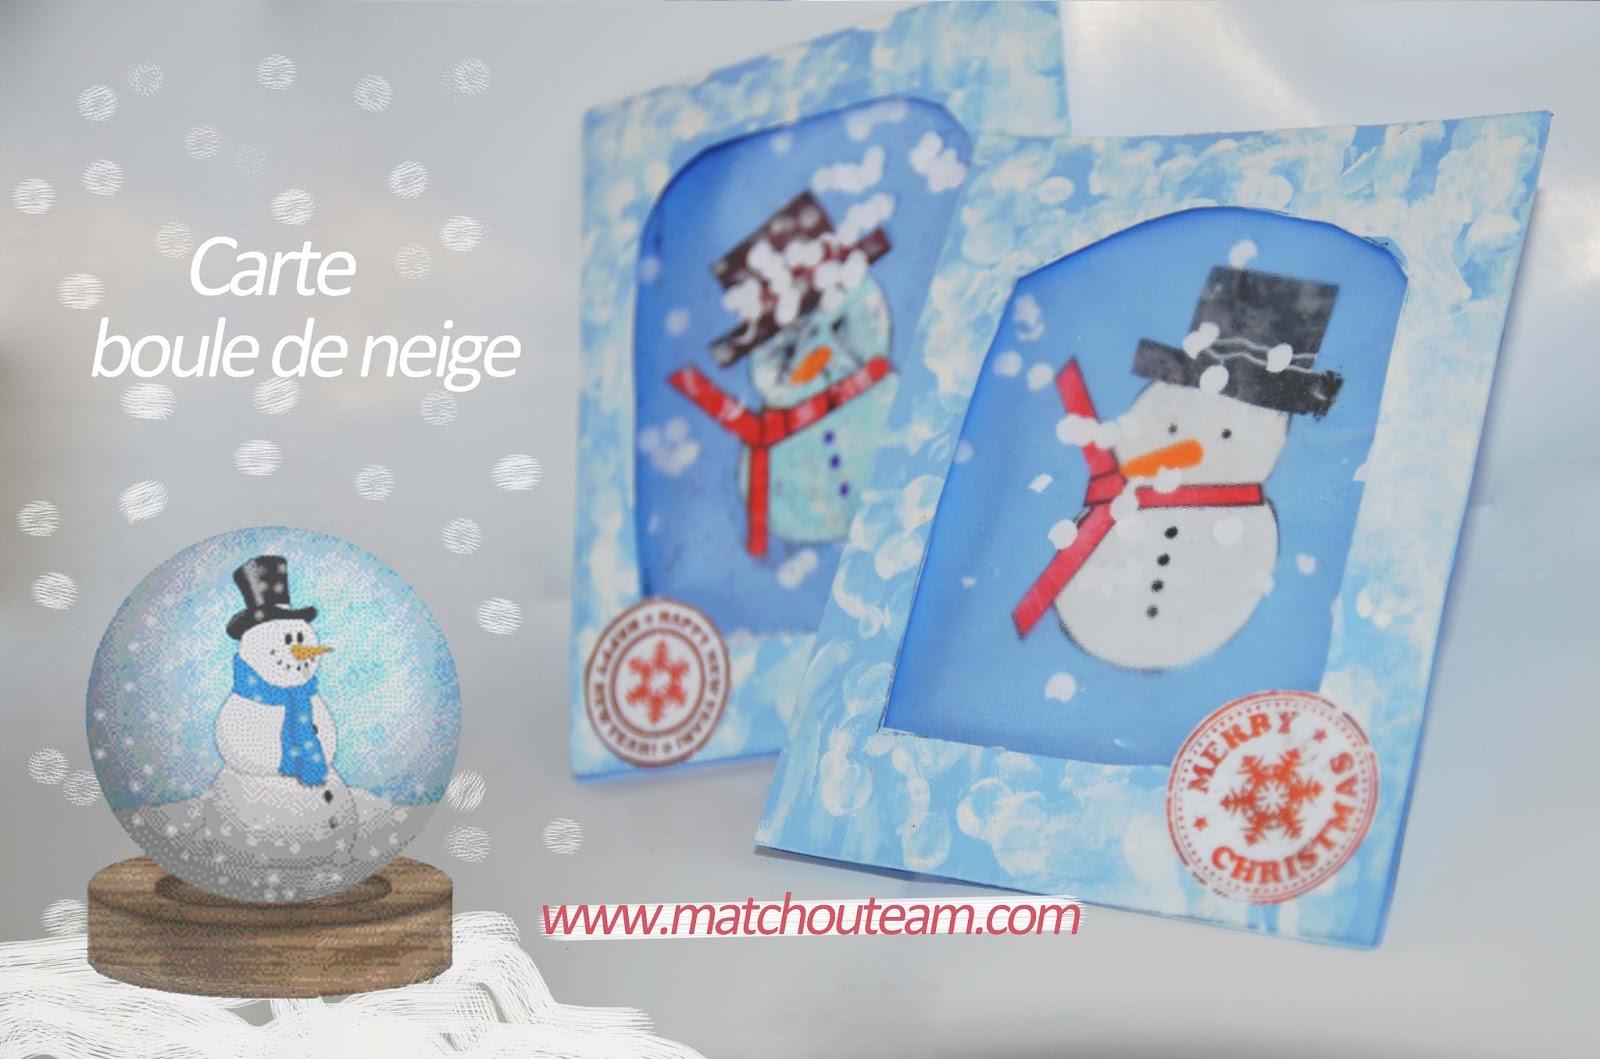 http://2.bp.blogspot.com/-_YSSYhEwjYY/Up5HVYNP4RI/AAAAAAAABzY/tYujnzKA4ow/s1600/Carte+boule+de+neige+noe%CC%88l.jpg